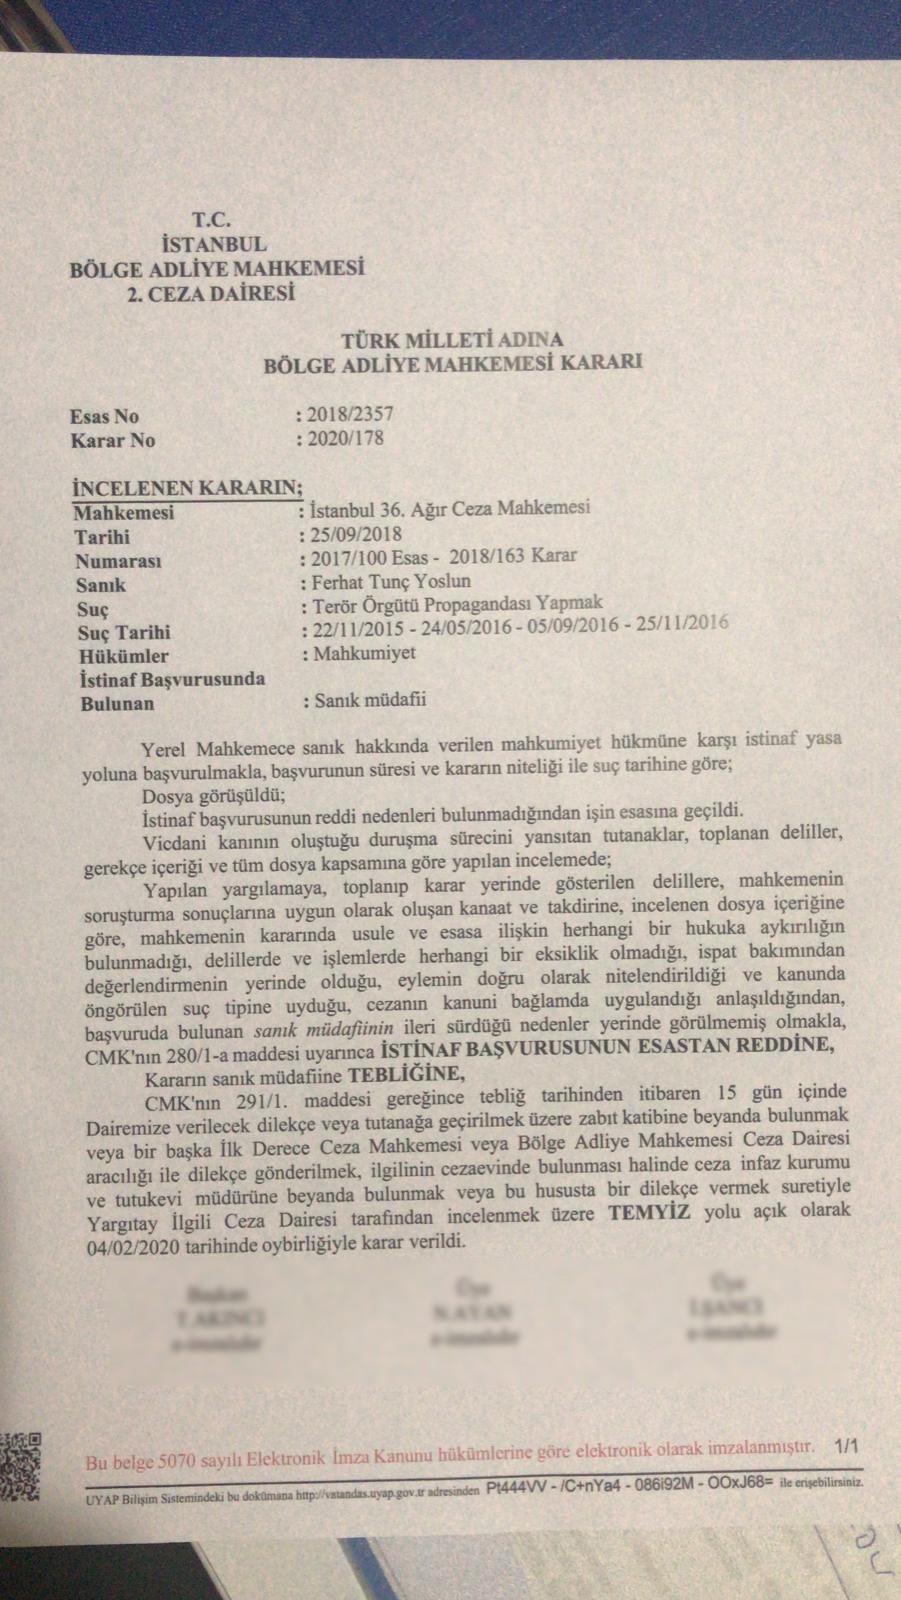 Ferhat Tunç hakkında verilen mahkeme kararı